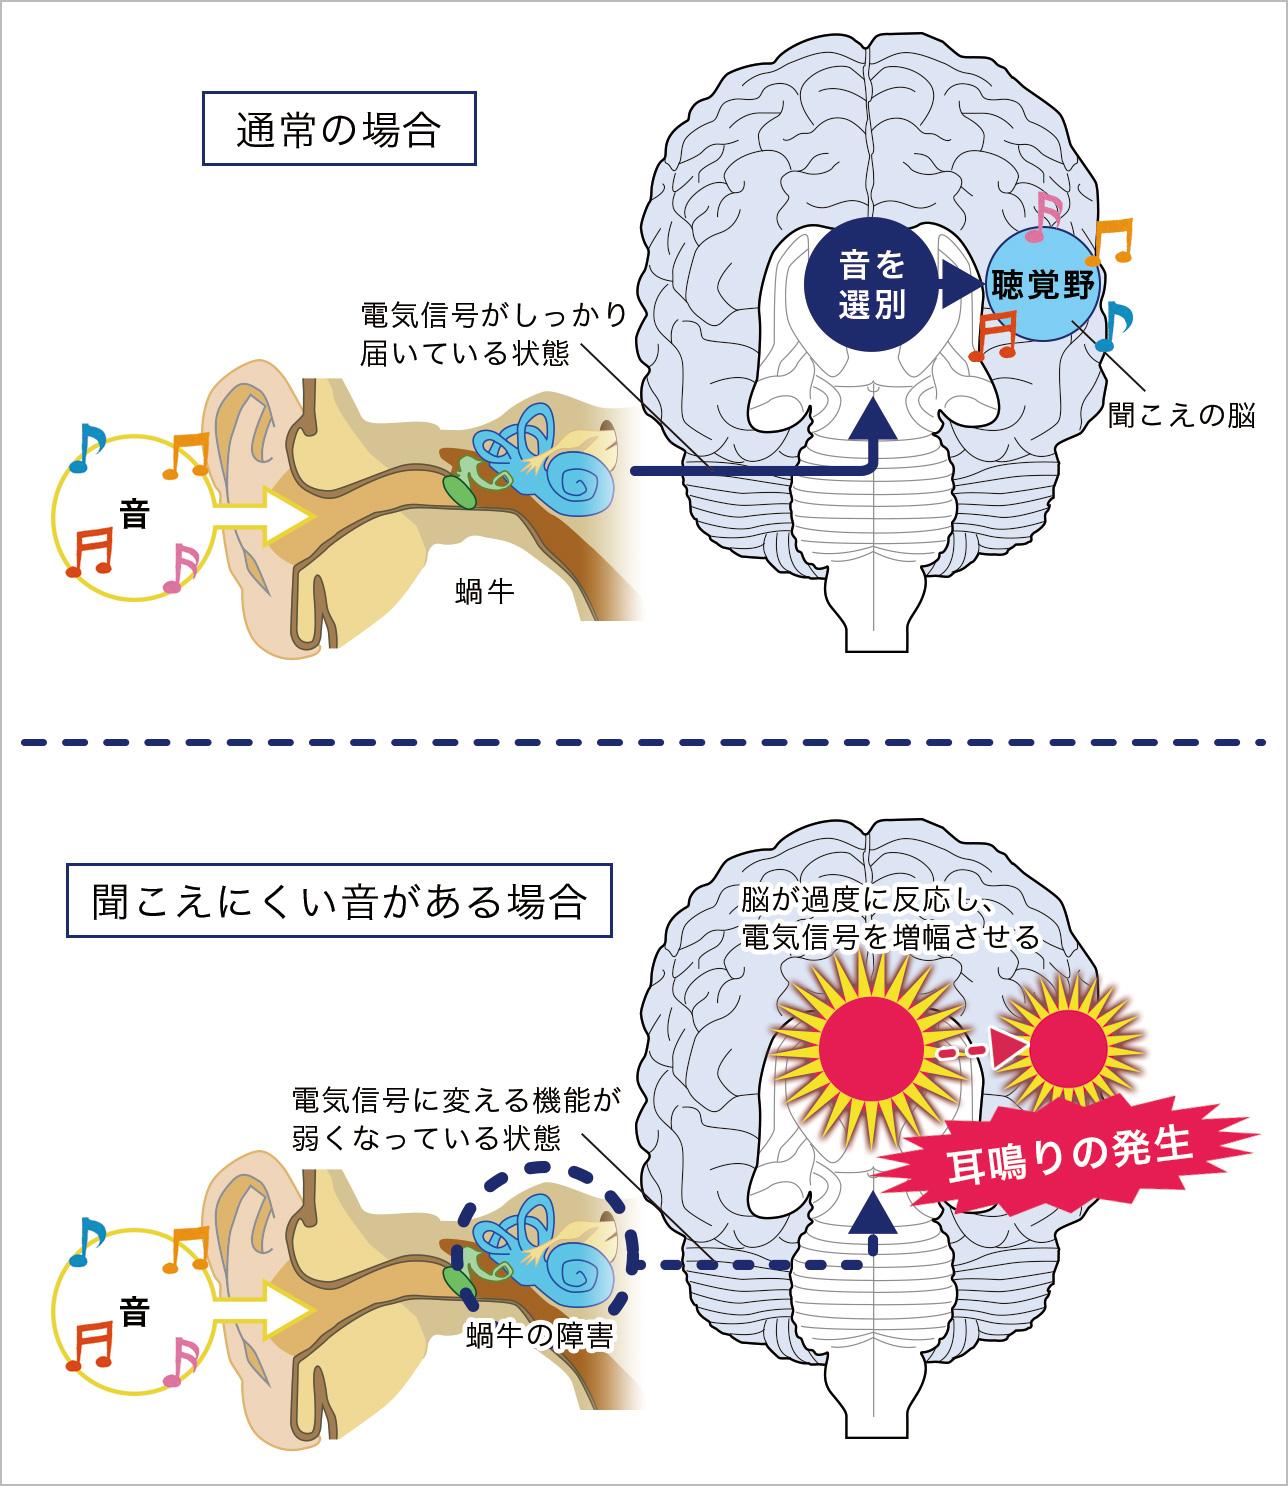 脳が音を認識する仕組み